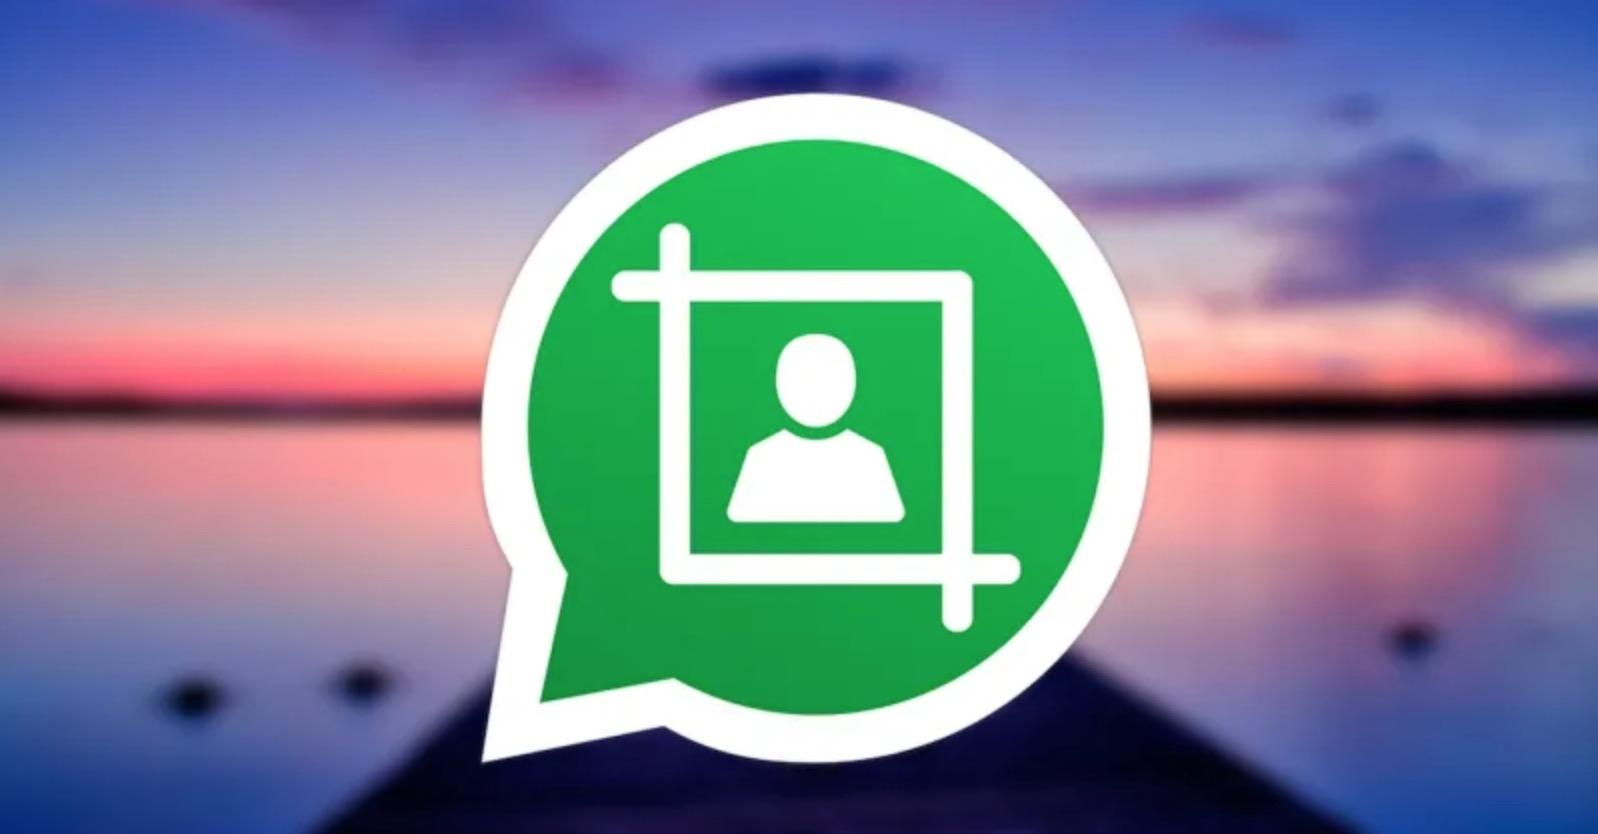 خدعة بسيطة لمعرفة أكثر من تدردش معه على WhatsApp 2